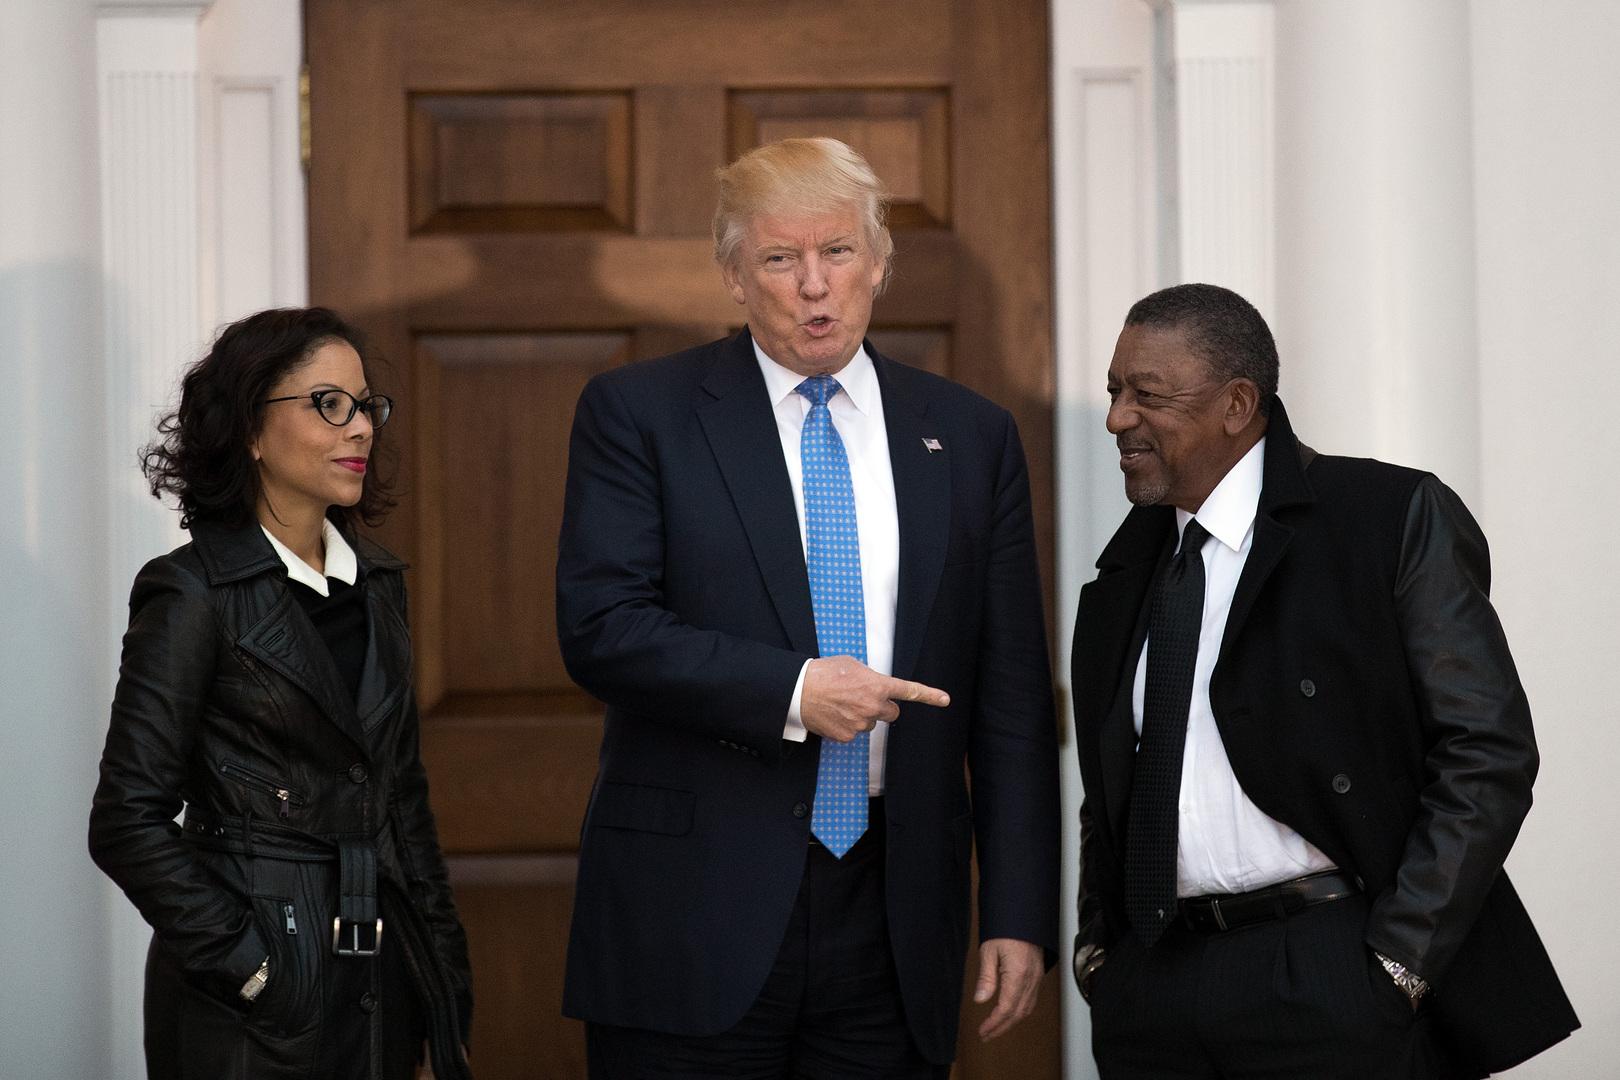 مطلب بتعويض السود في الولايات المتحدة بـ 14 تريليون دولار على العبودية